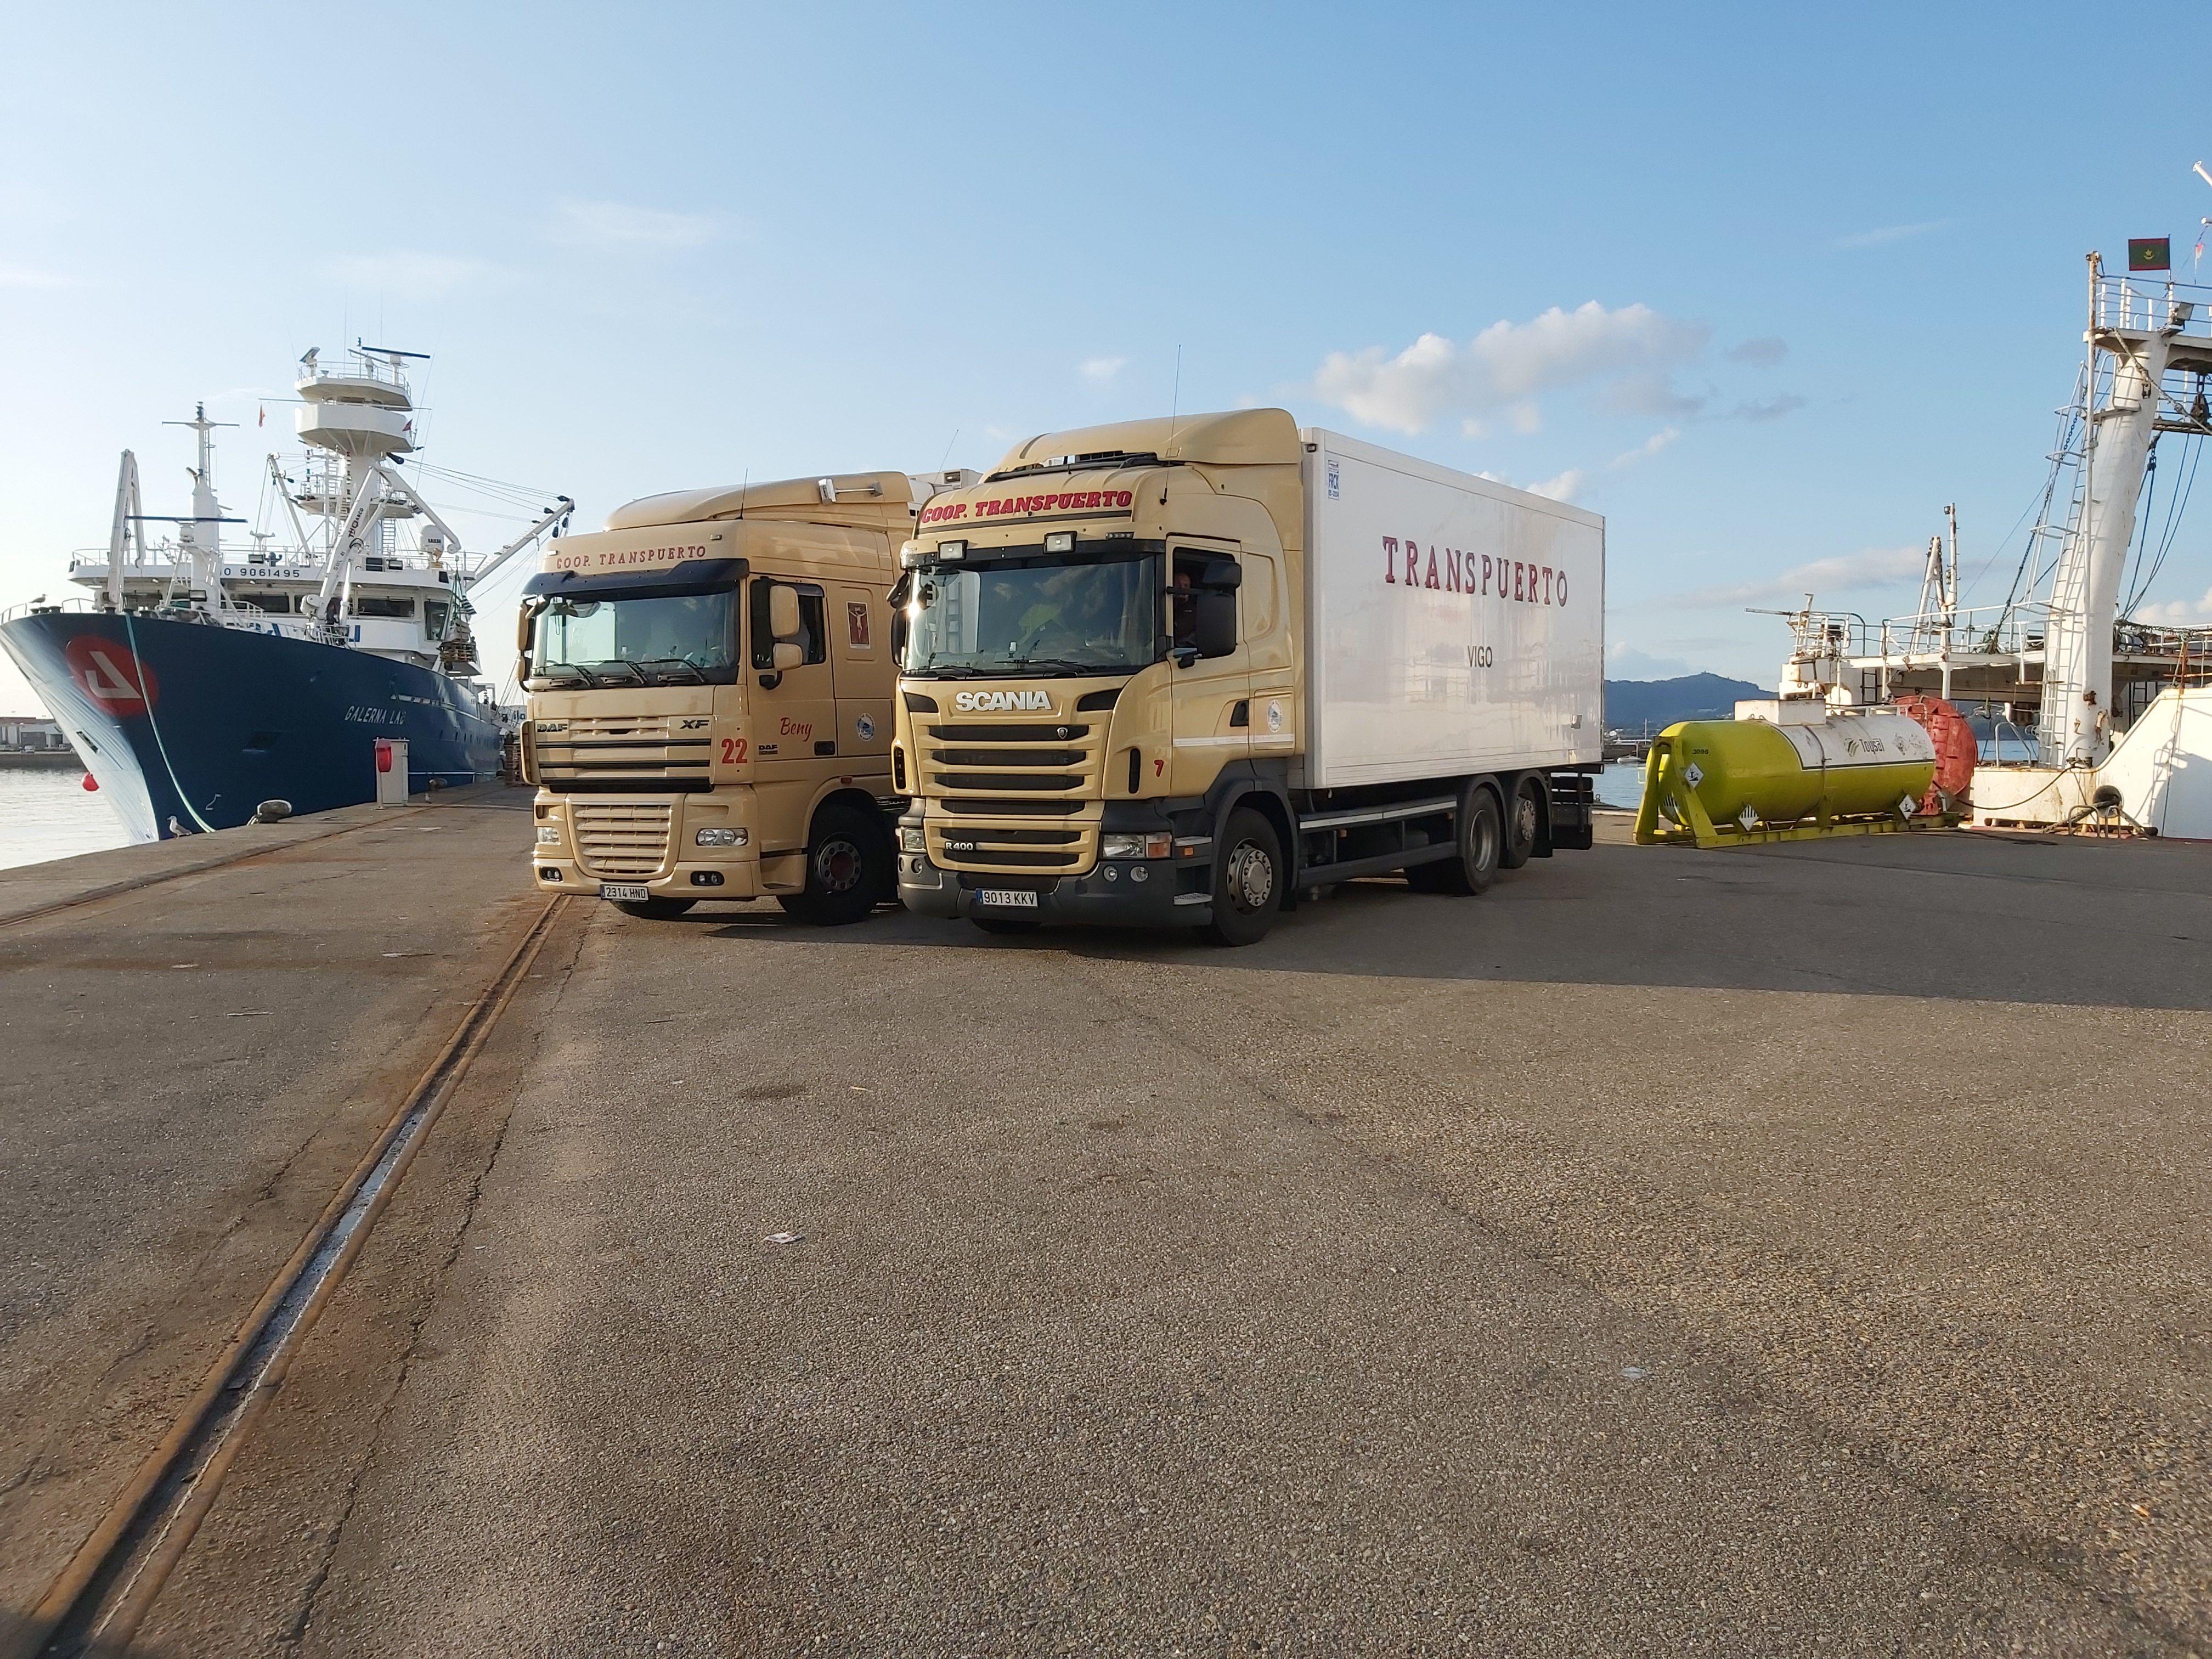 Compañía de transporte en Vigo